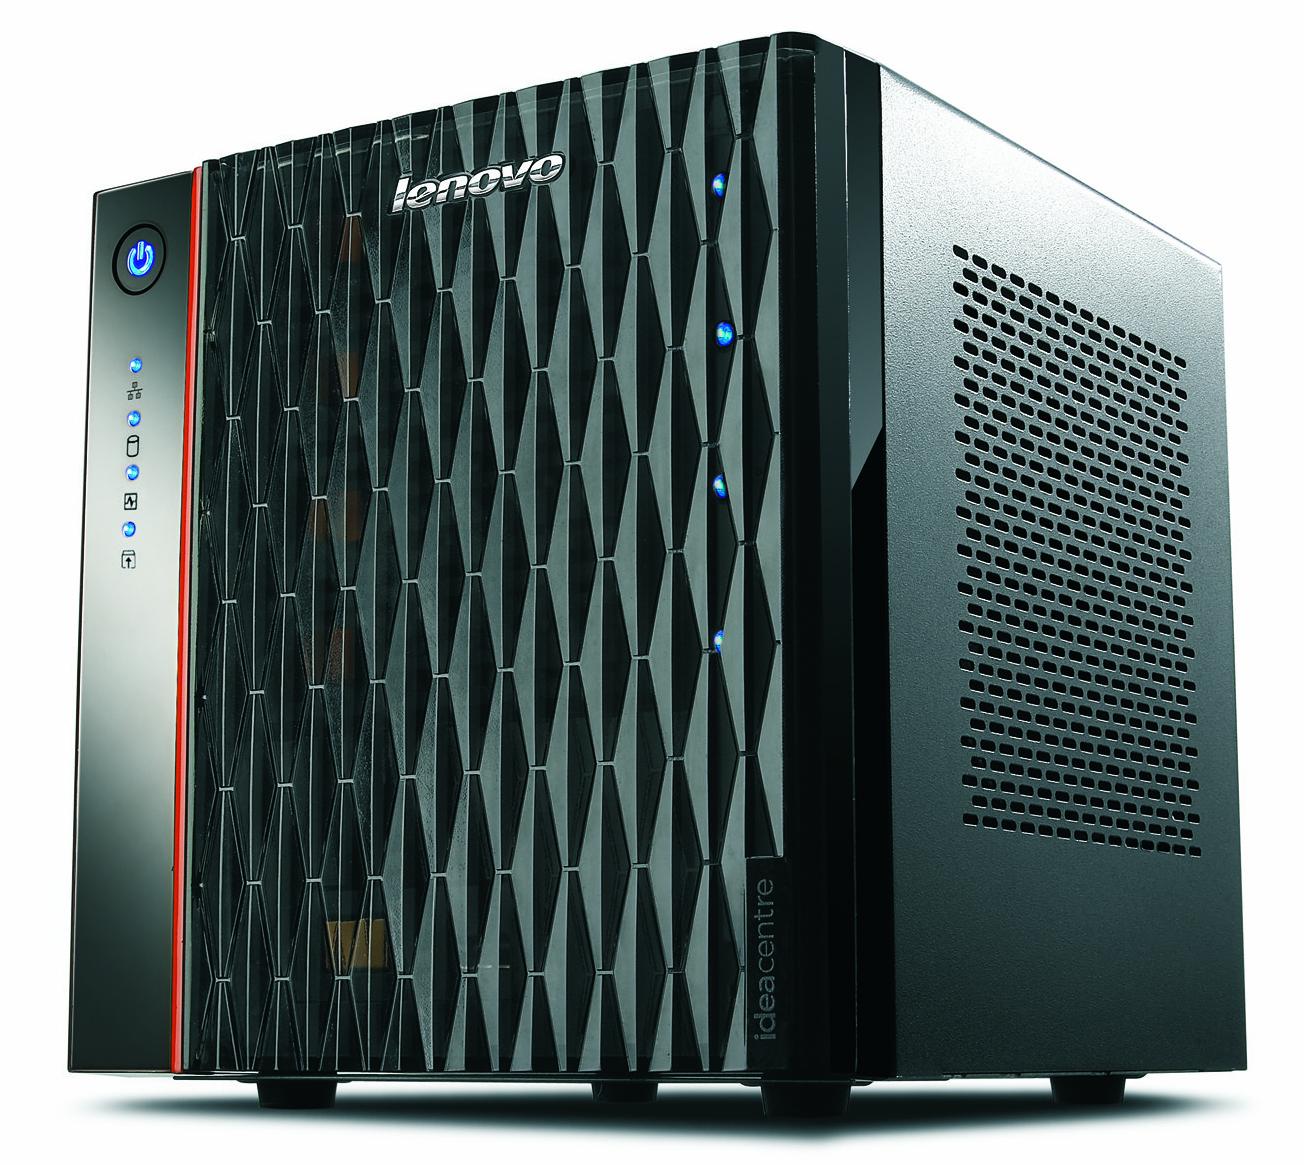 Lenovo launch IdeaCentre Q100/Q110 nettops, D400 Home Server & Q700 HTPC